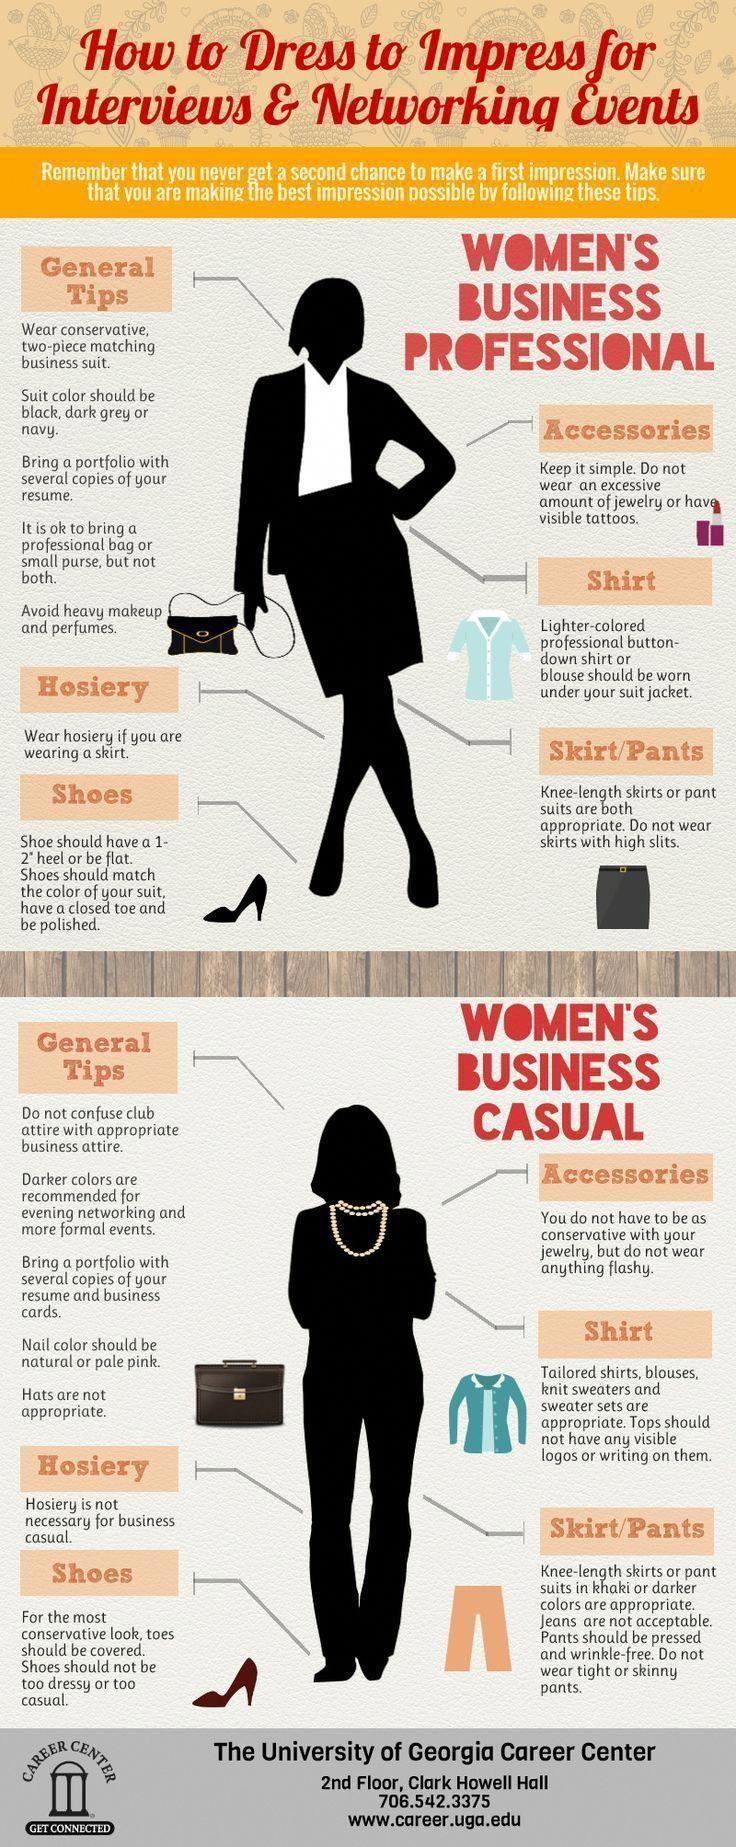 Arbeitskleidung #WORKATTIRE #businessattireforyoungwomen